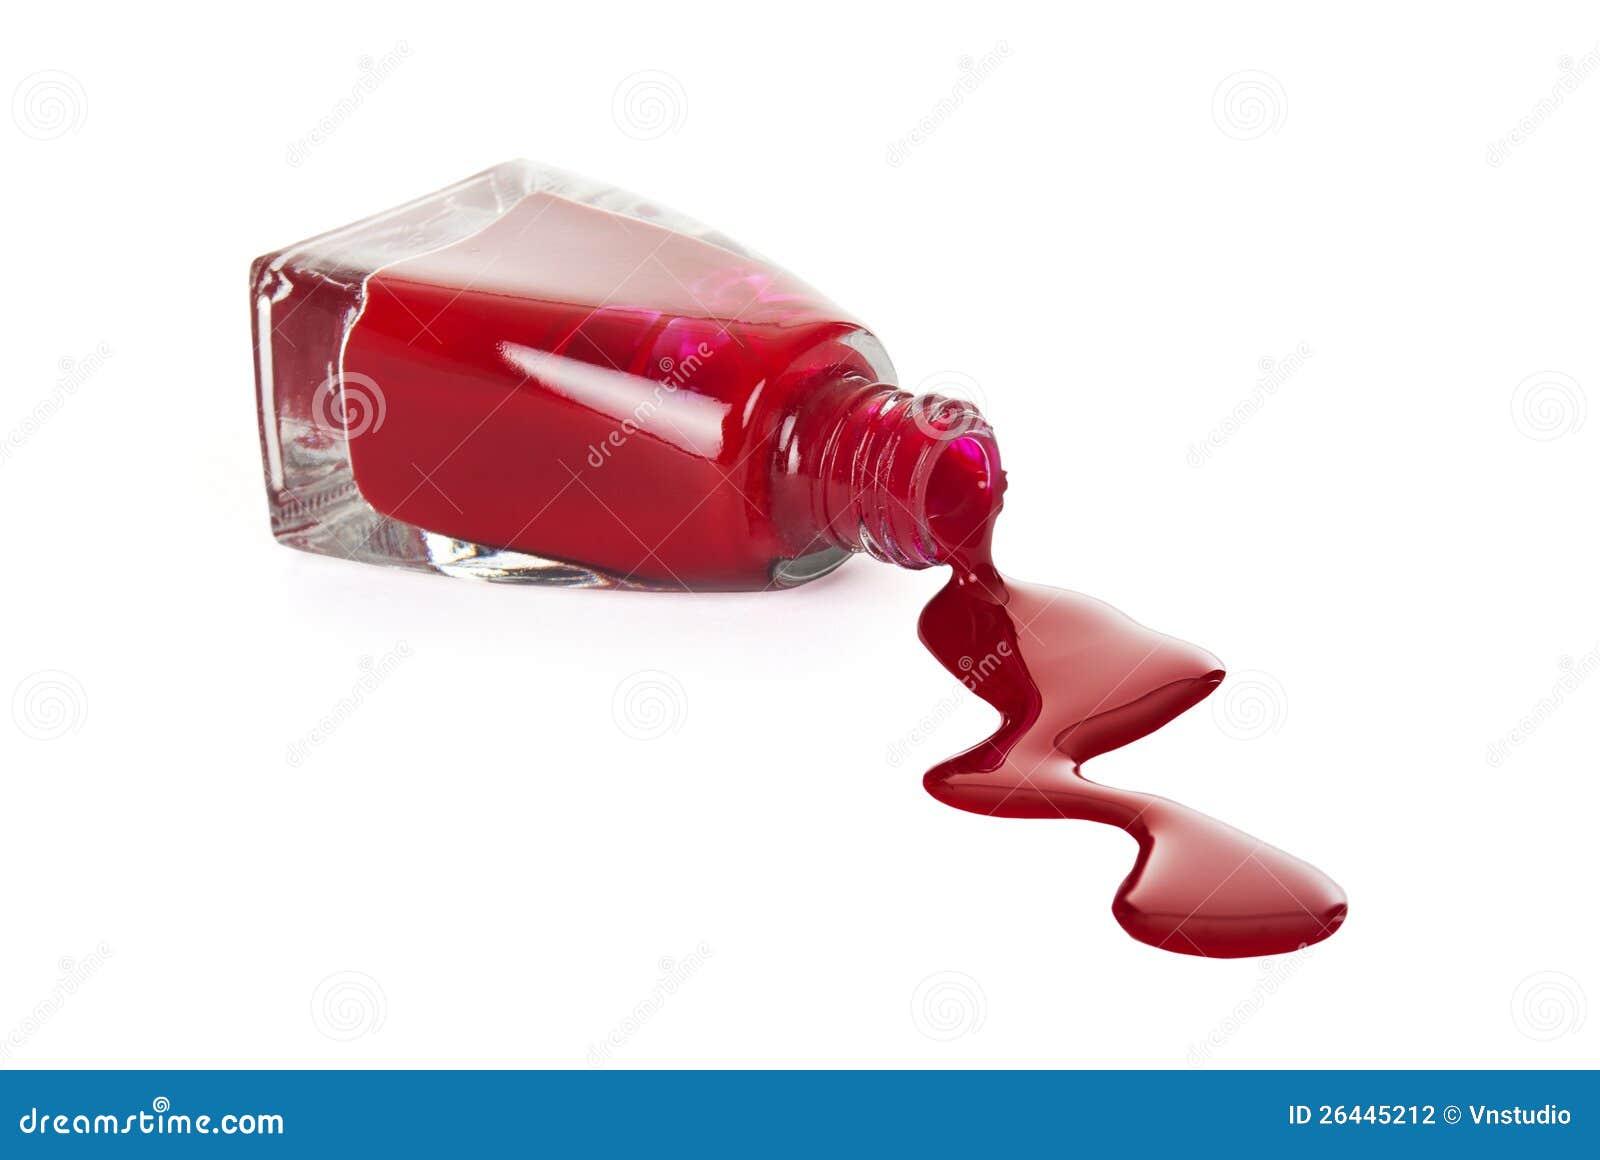 万的朋友们,请问视频指甲油染在鞋子的红色白色黑皮玉